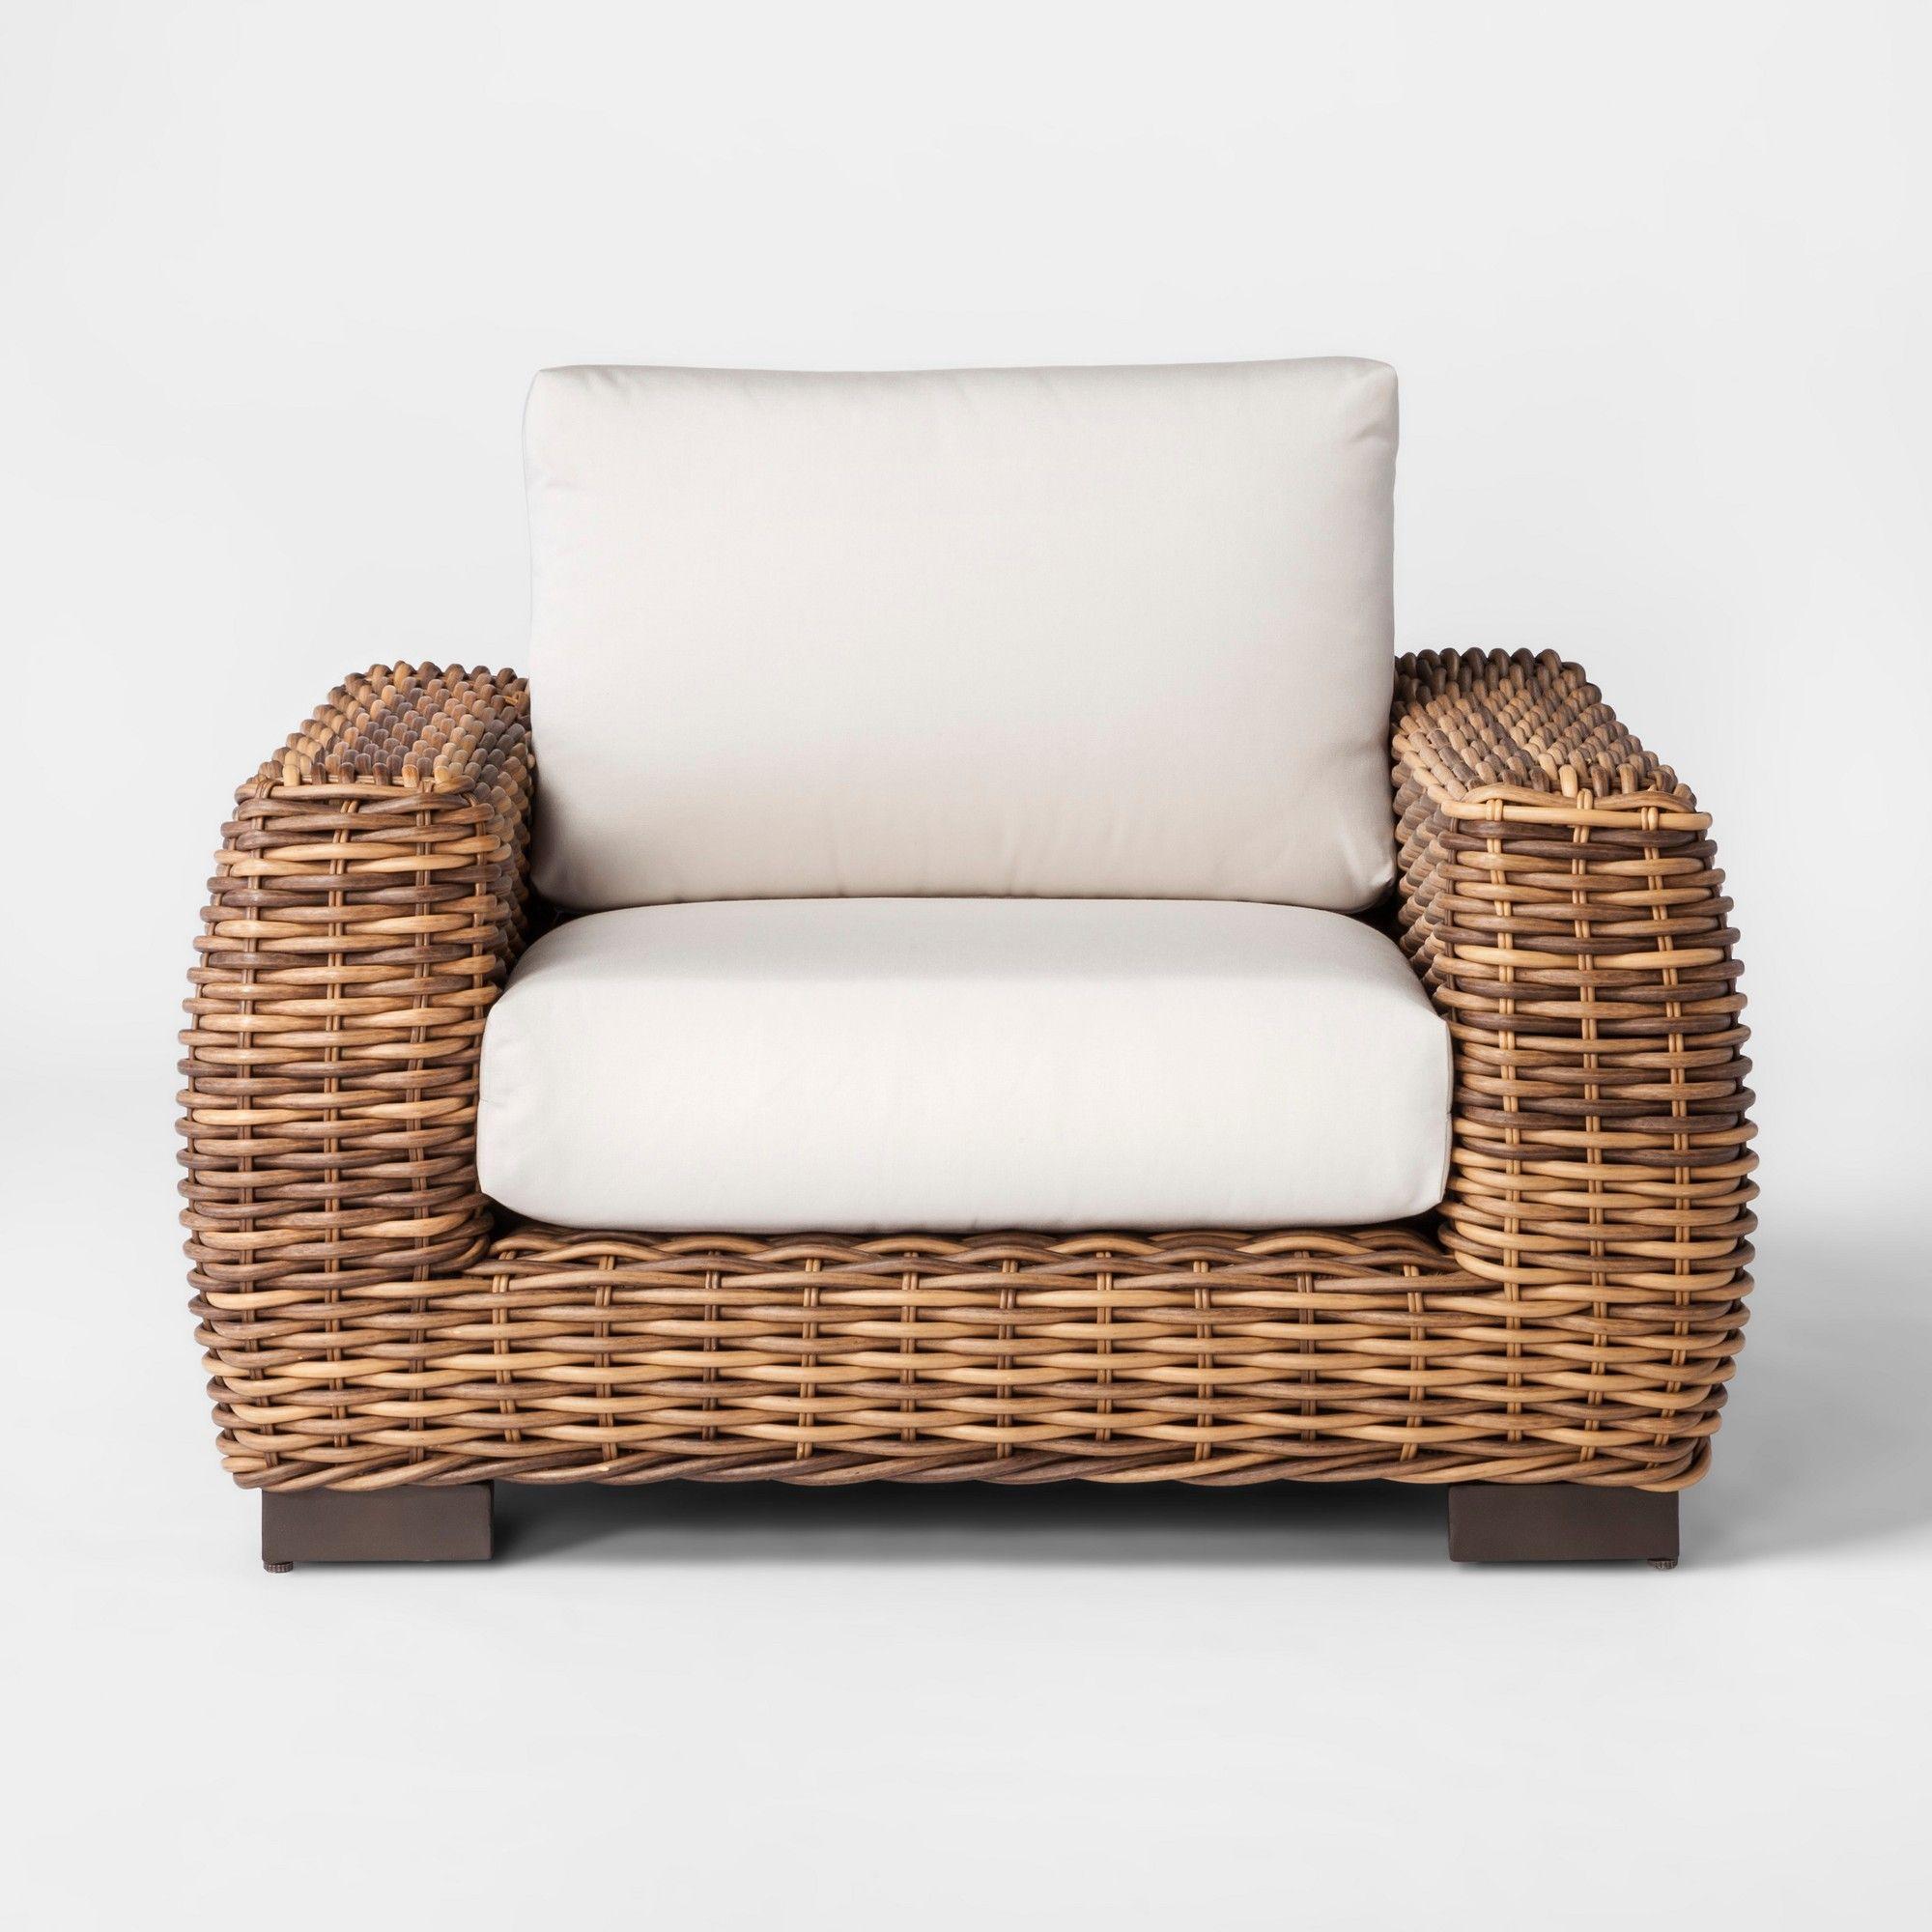 Eldridge Wicker Patio Club Chair With Sunbrella Cushions Smith Hawken